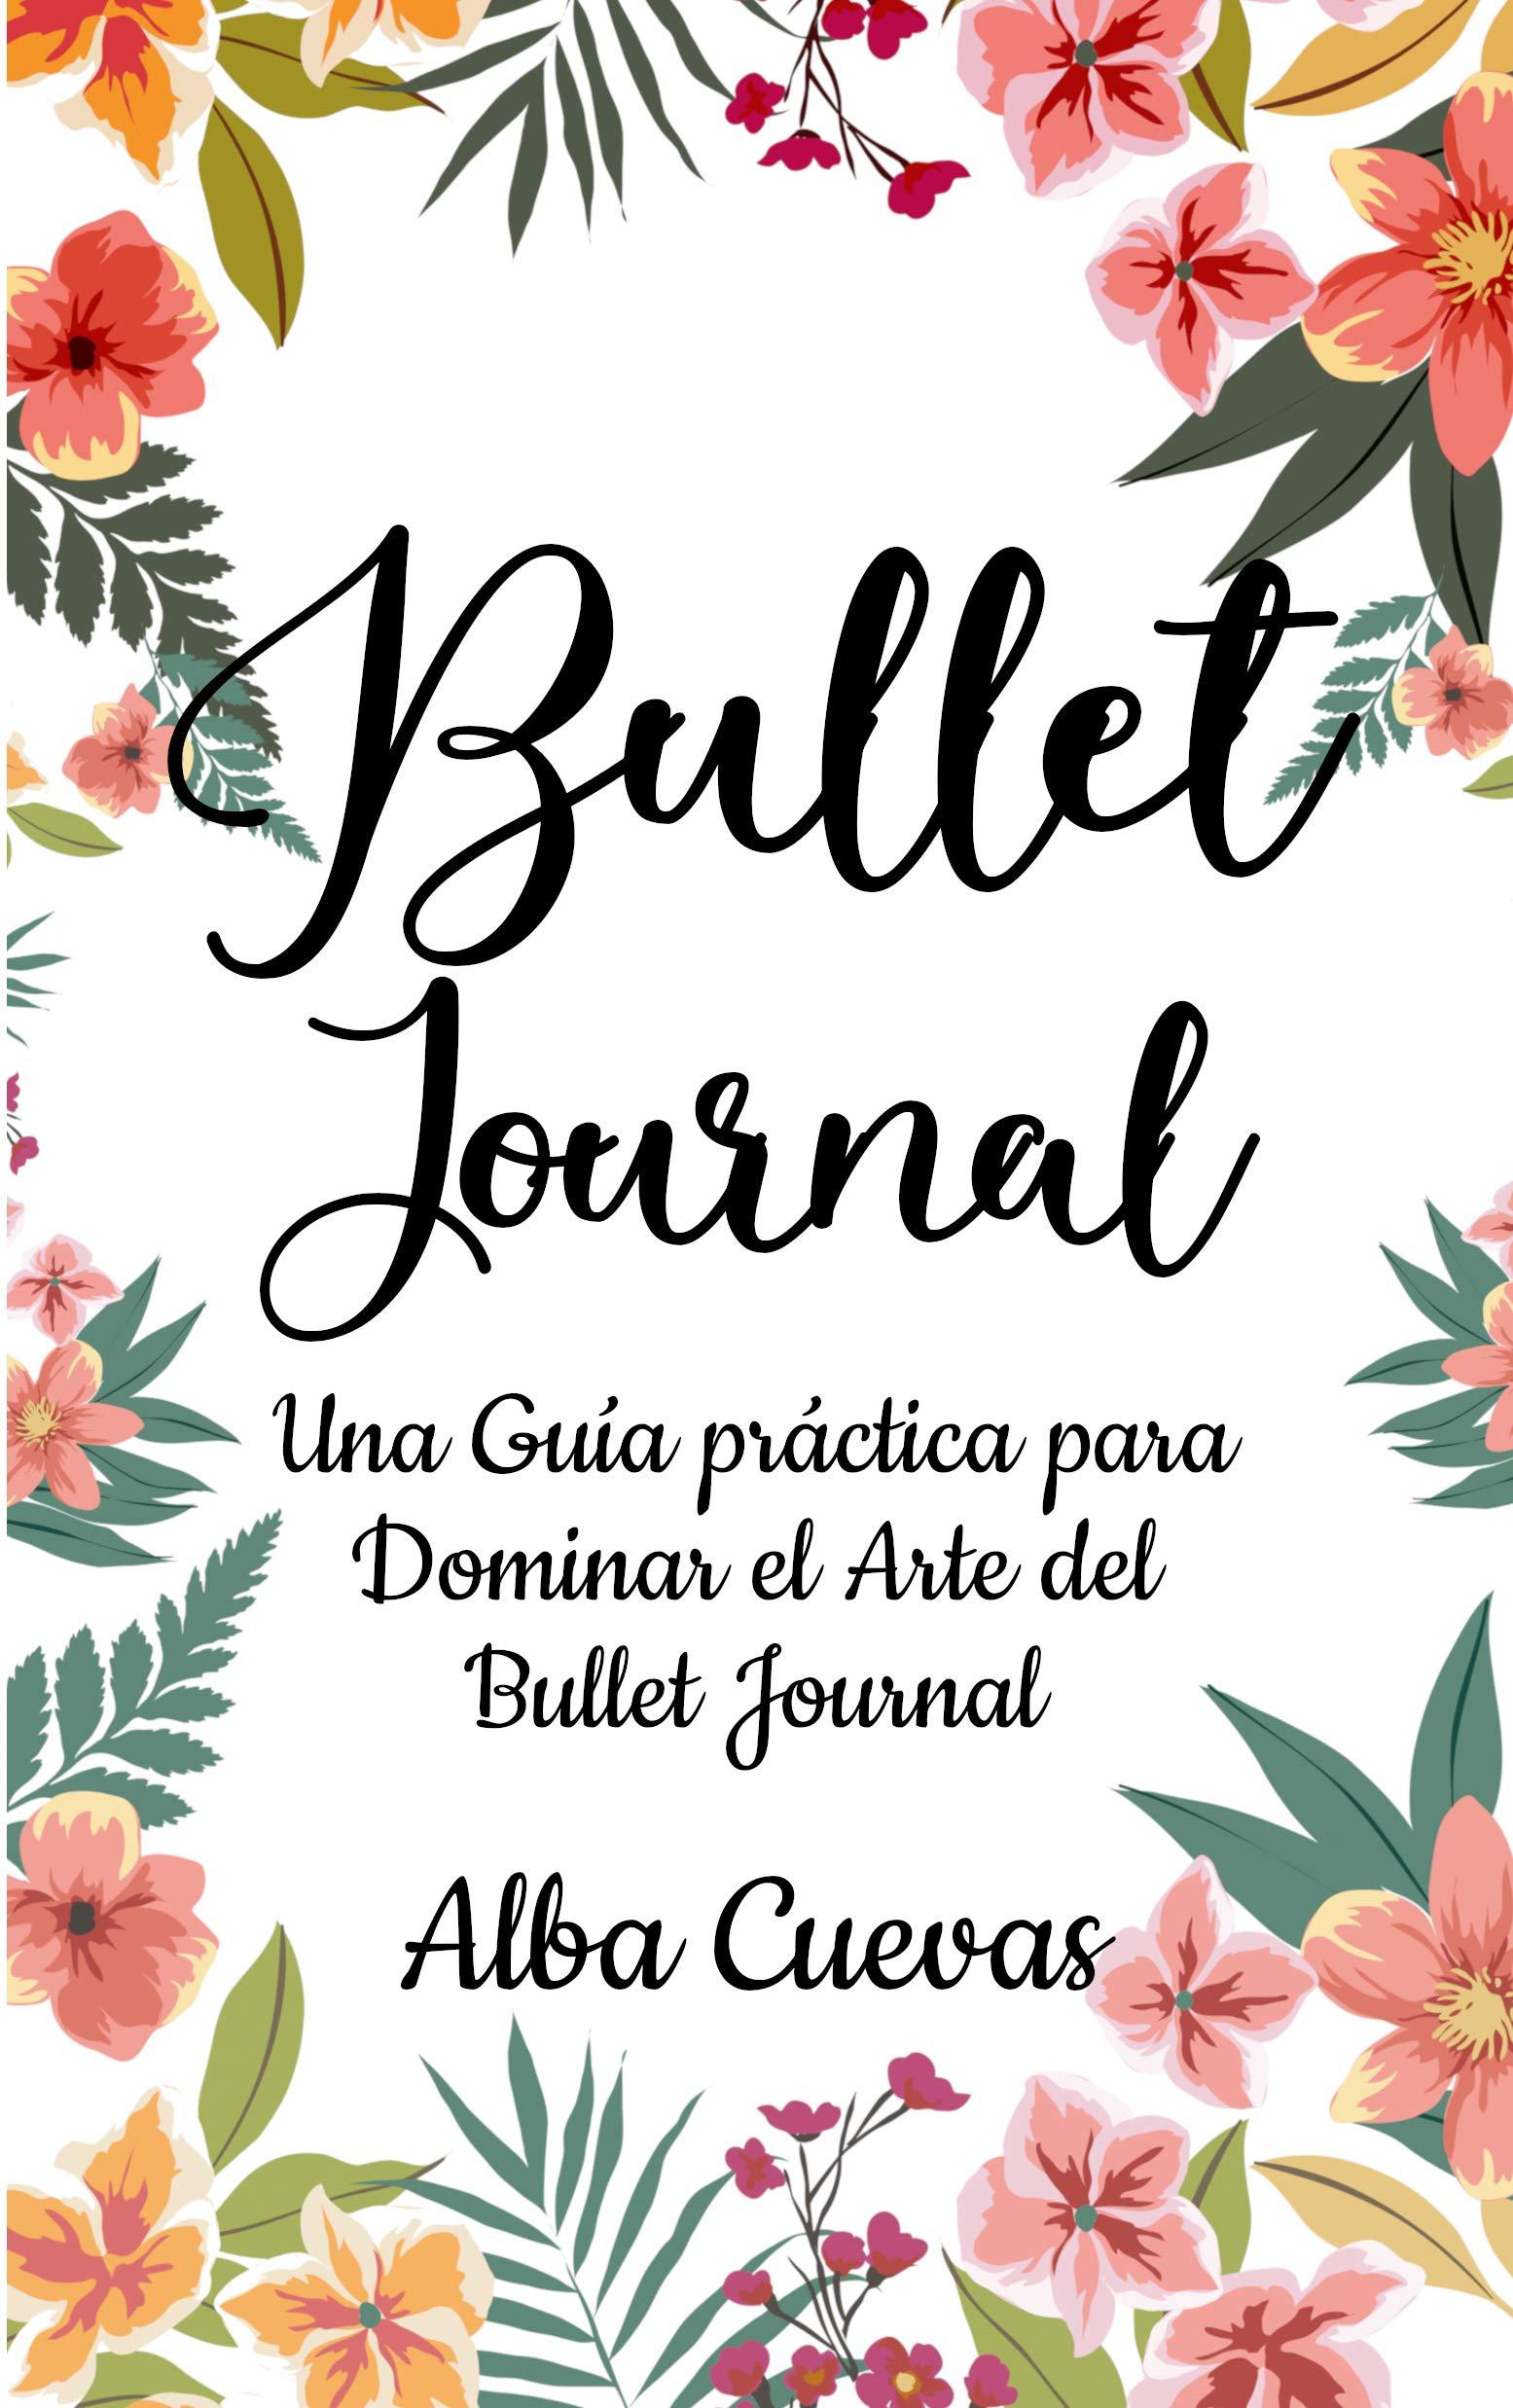 BULLET JOURNAL: Una guía práctica para dominar el Arte del Bullet Journal